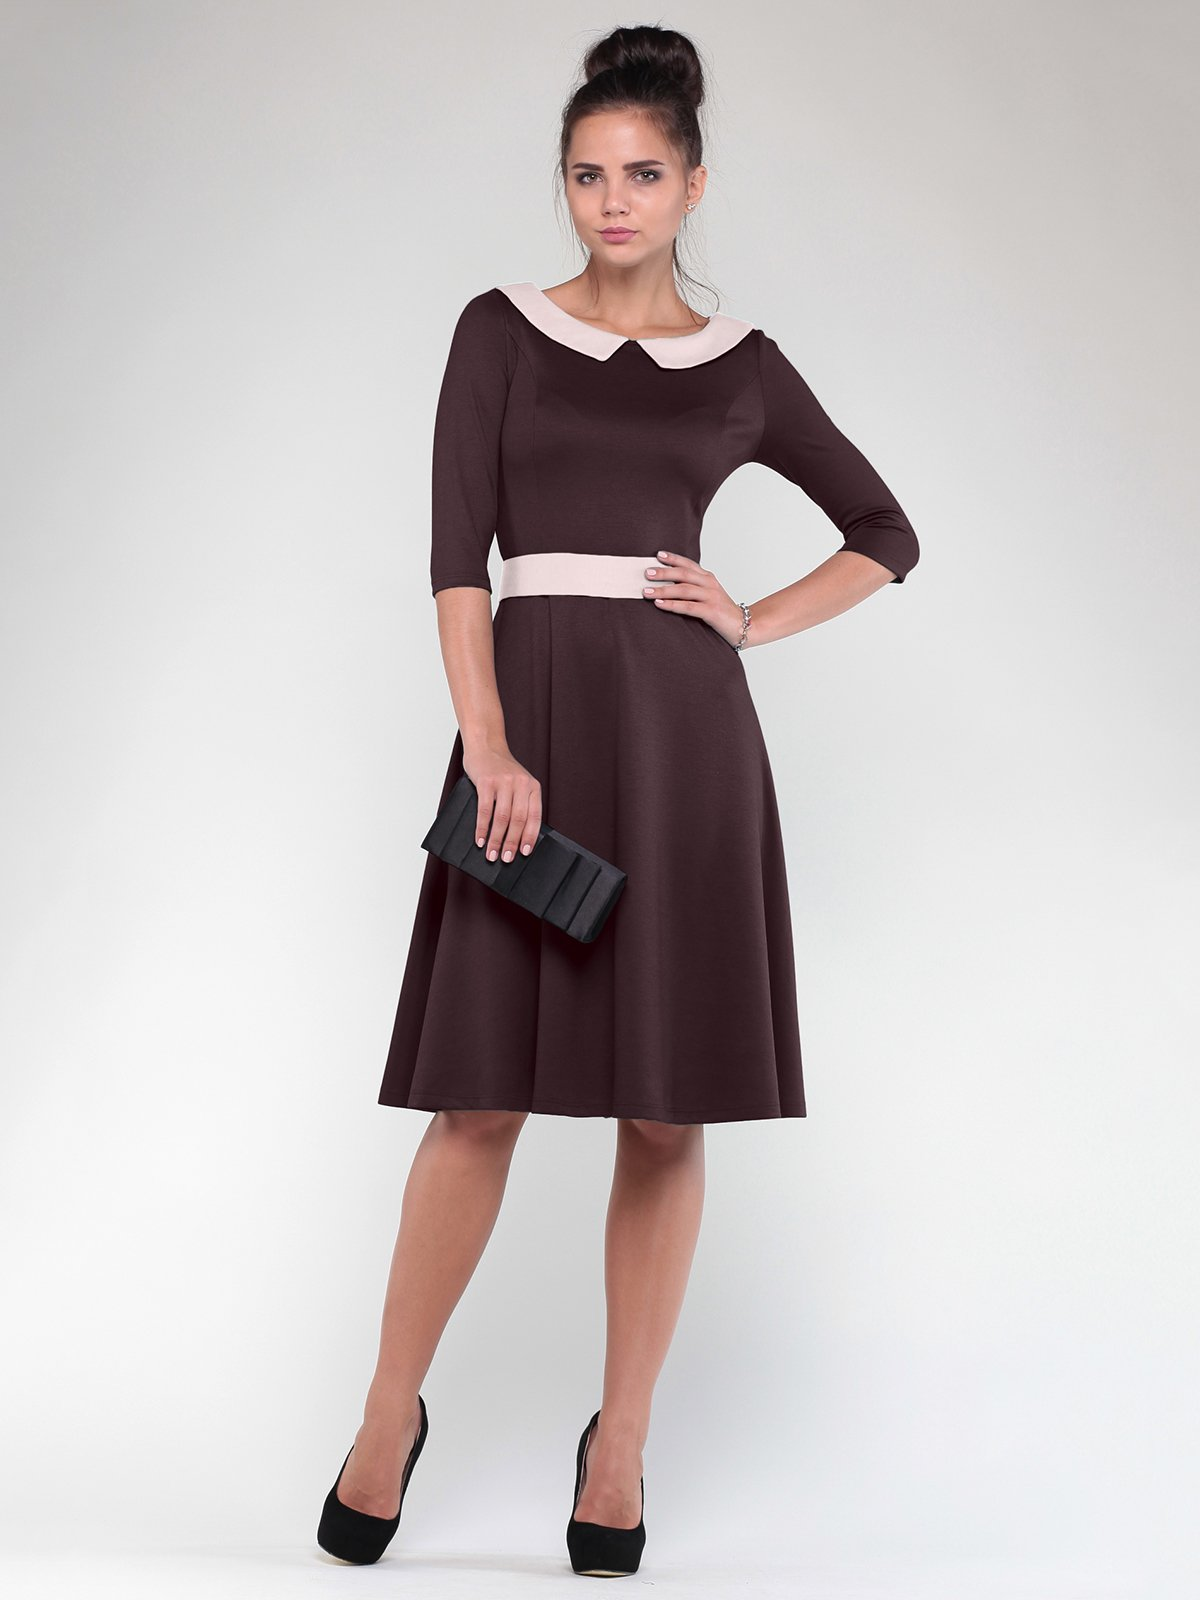 Сукня шоколадного кольору з бежевим оздобленням   1832198